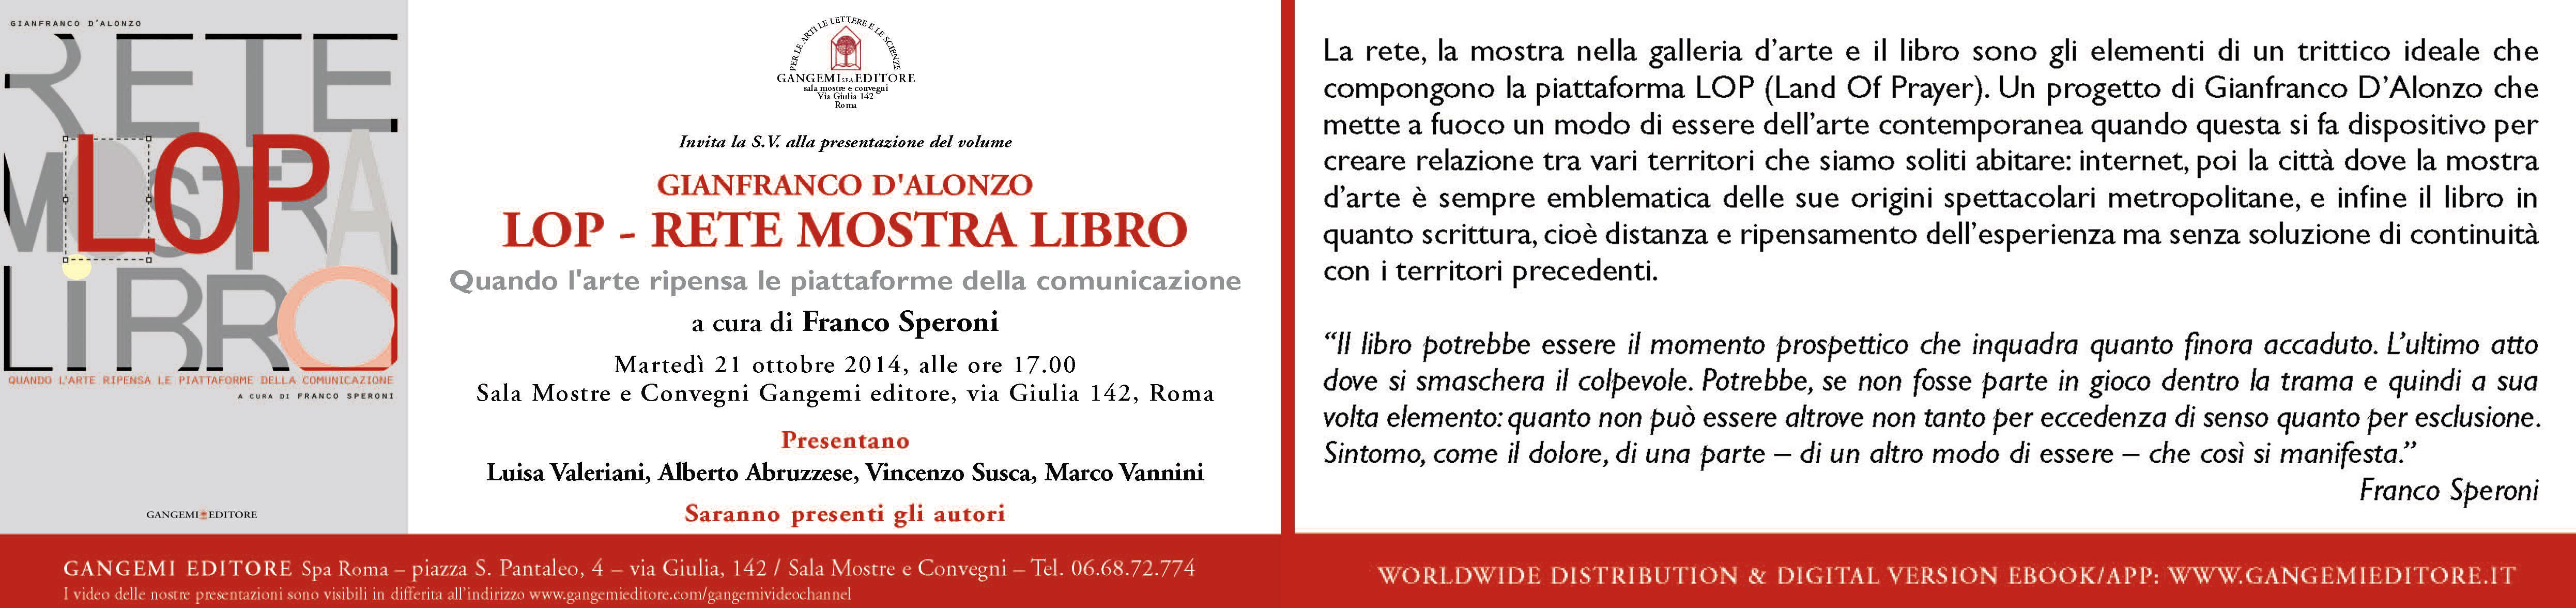 2 D'Alonzo, Invito presentazione libro